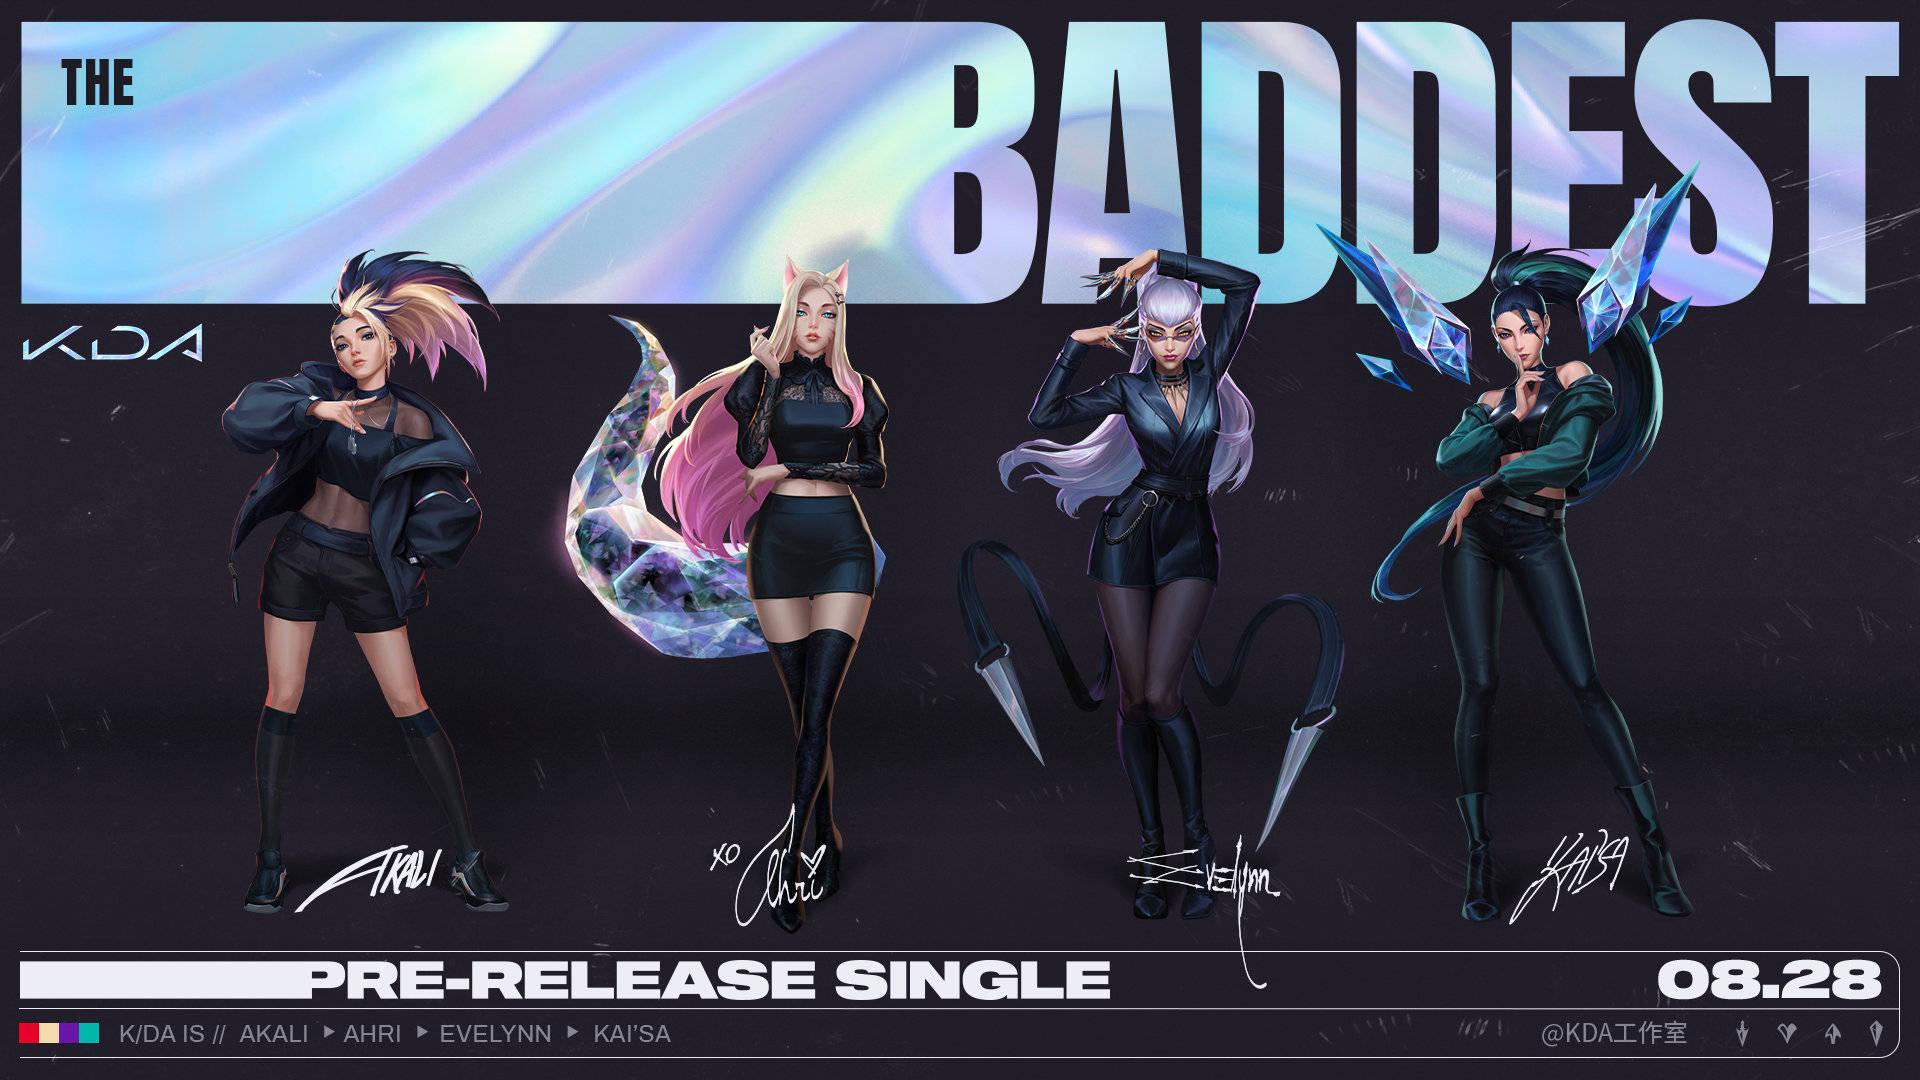 【英雄联盟】THE BADDEST-KDA